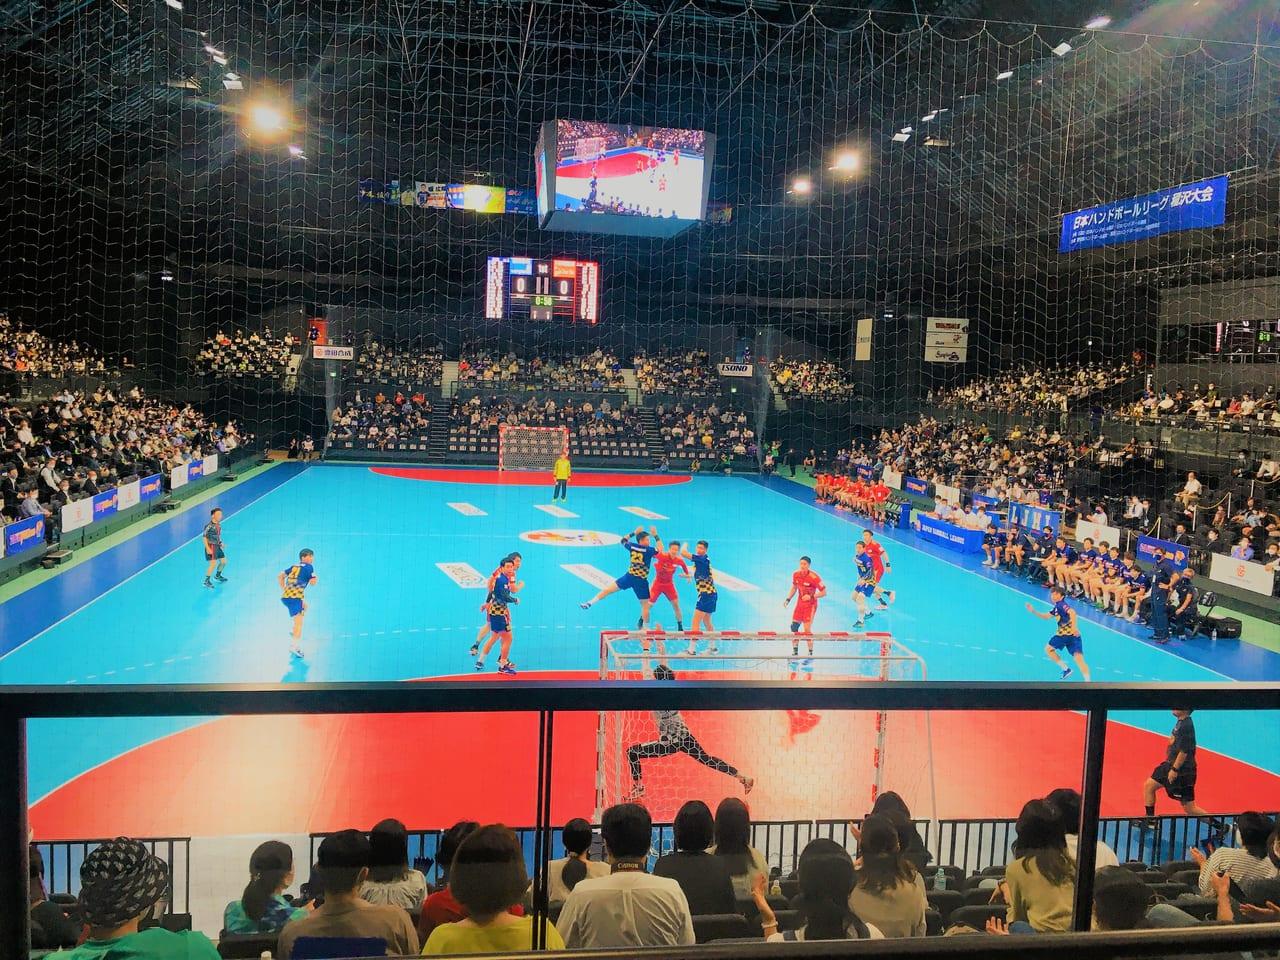 豊田合成記念体育館エントリオで行われた豊田合成ブルーファルコンの試合